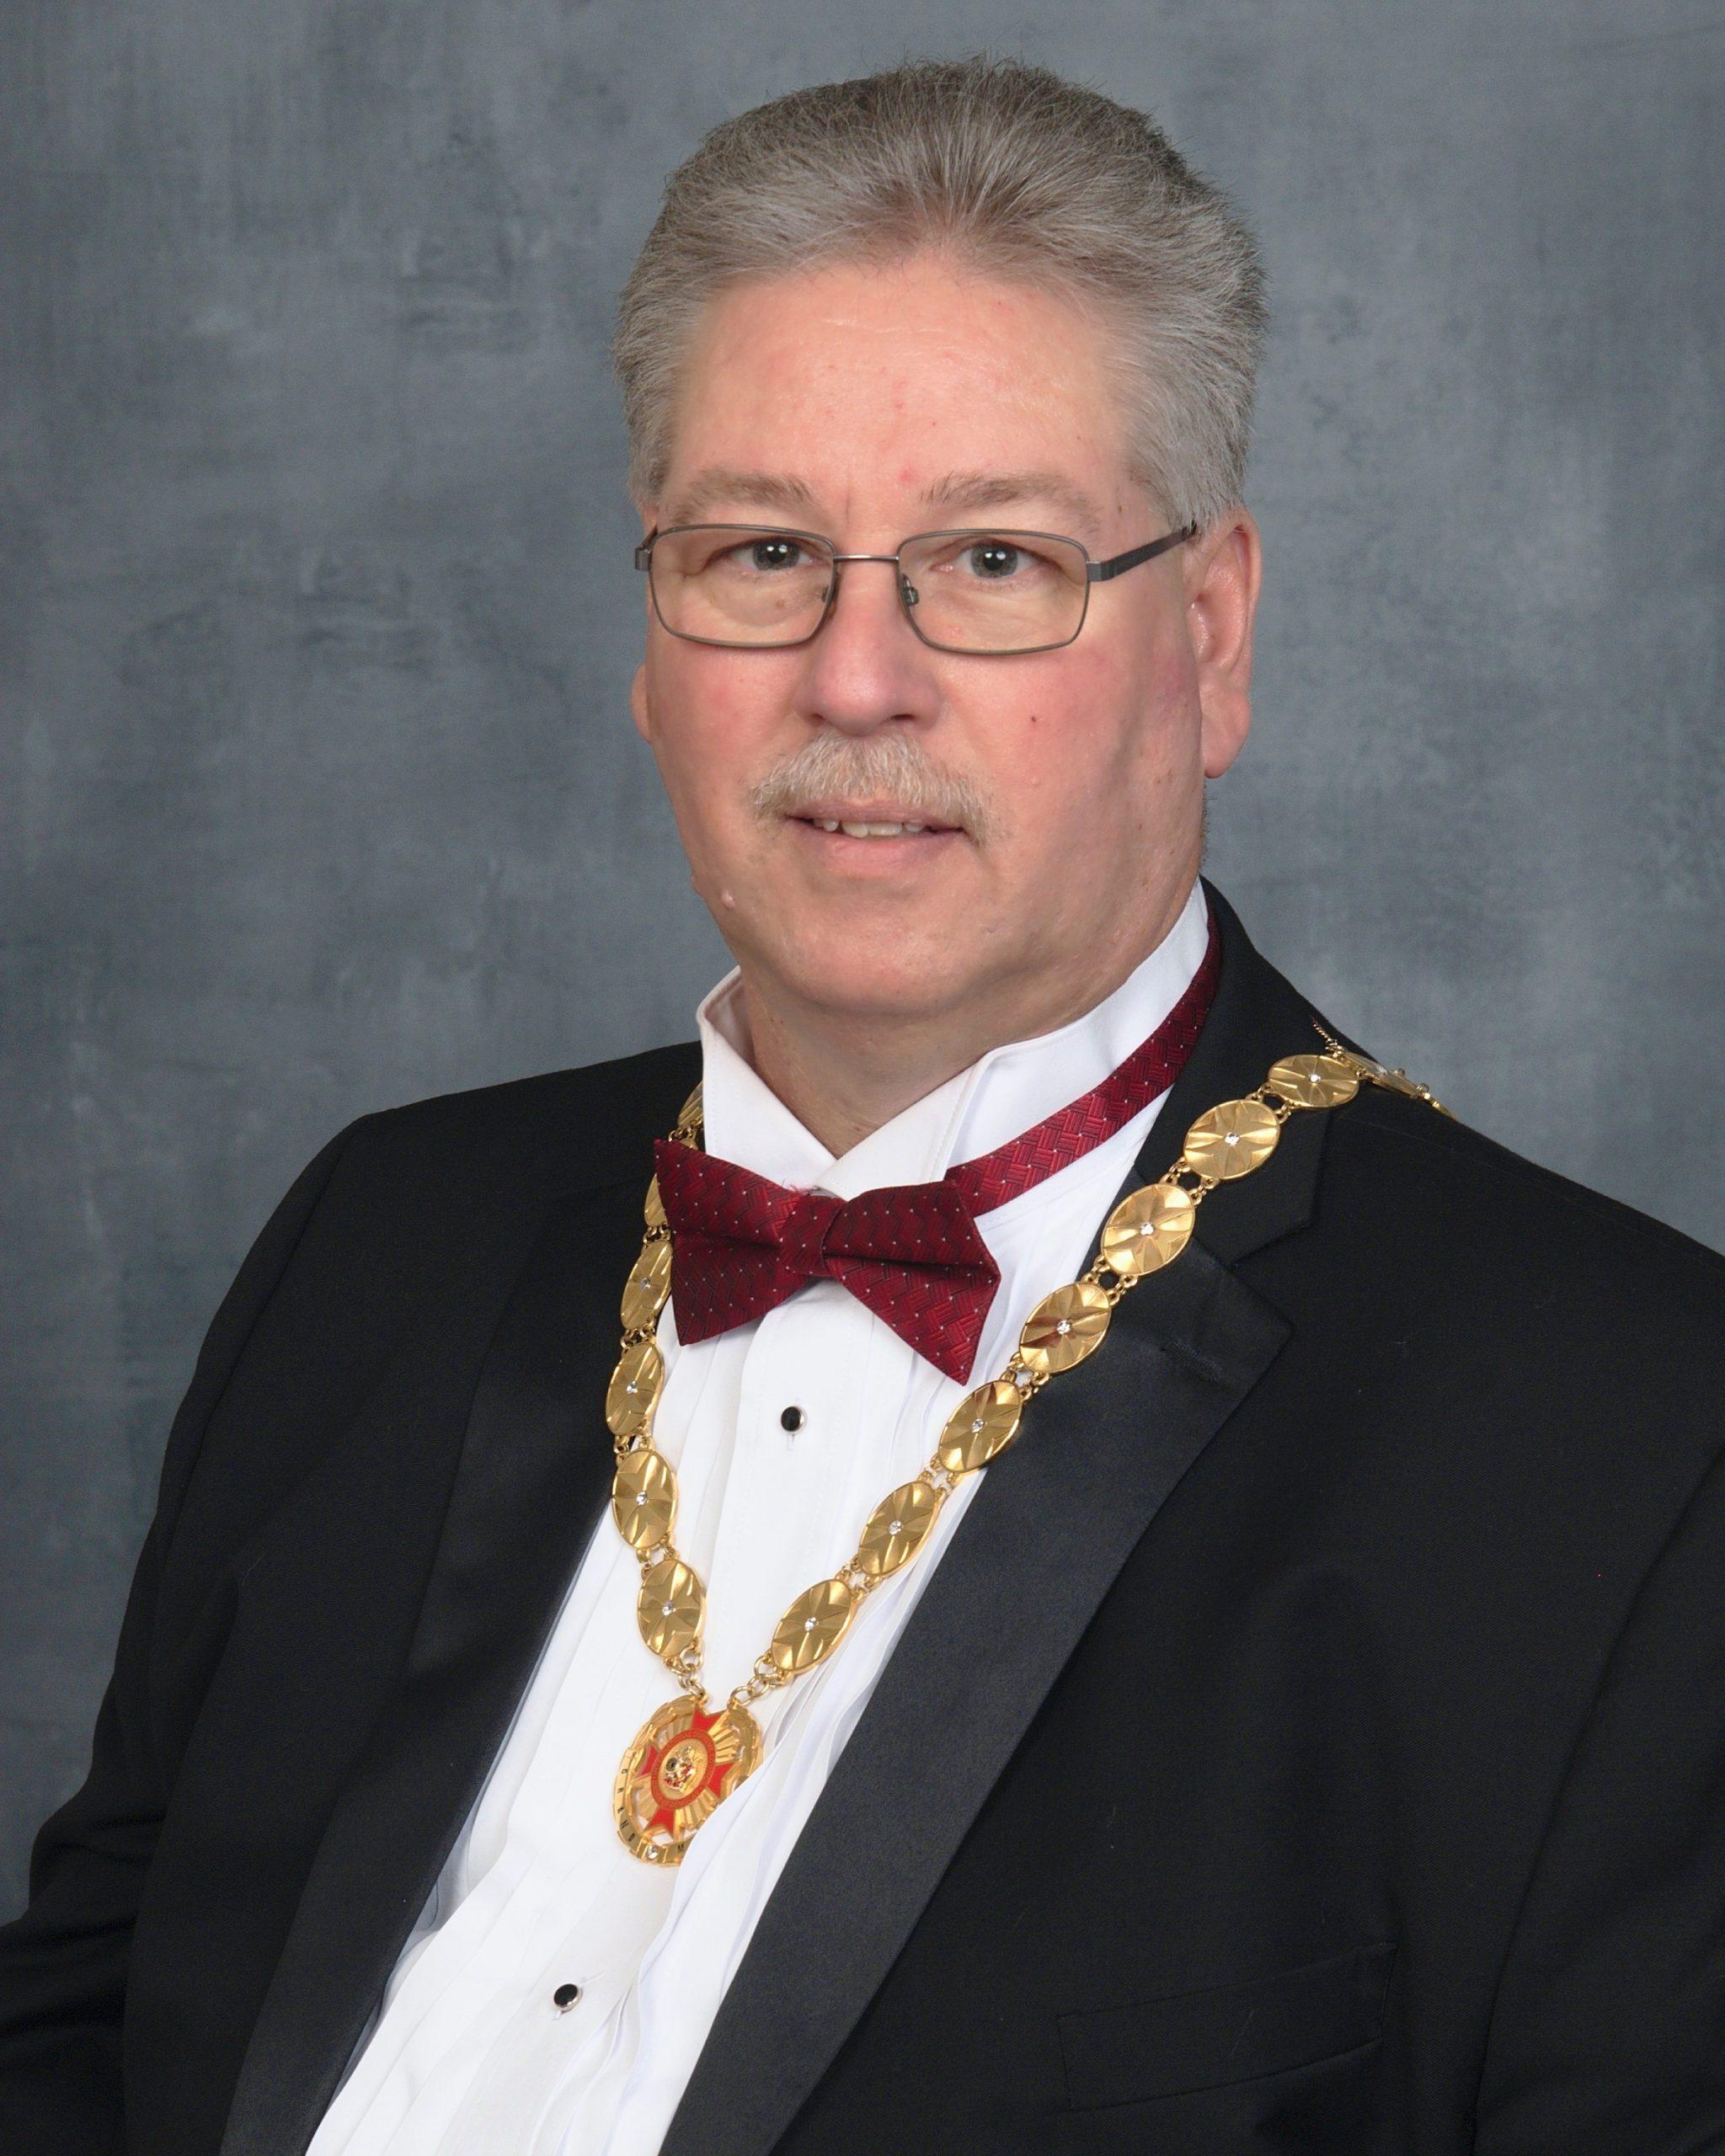 Marc B. Bohn